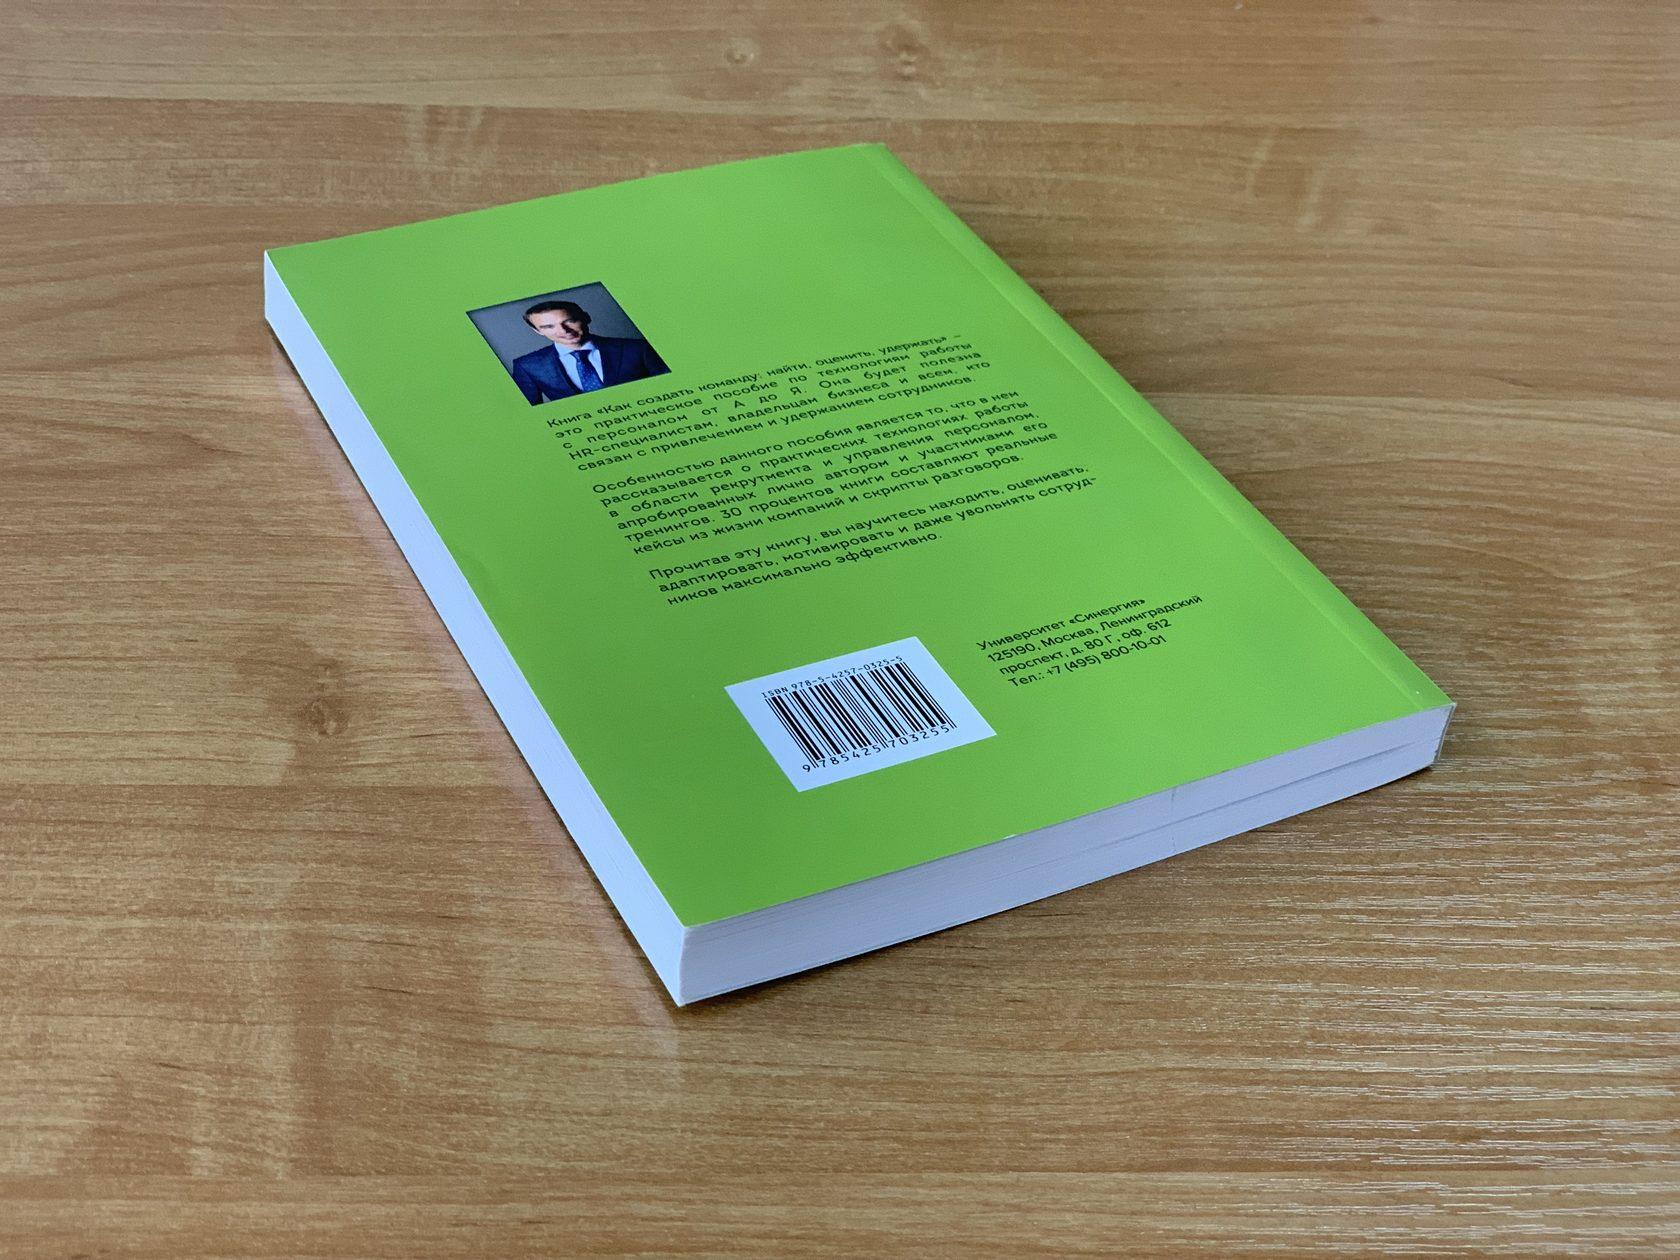 рассказ кислый но вкусный из книги зеленые страницы читать